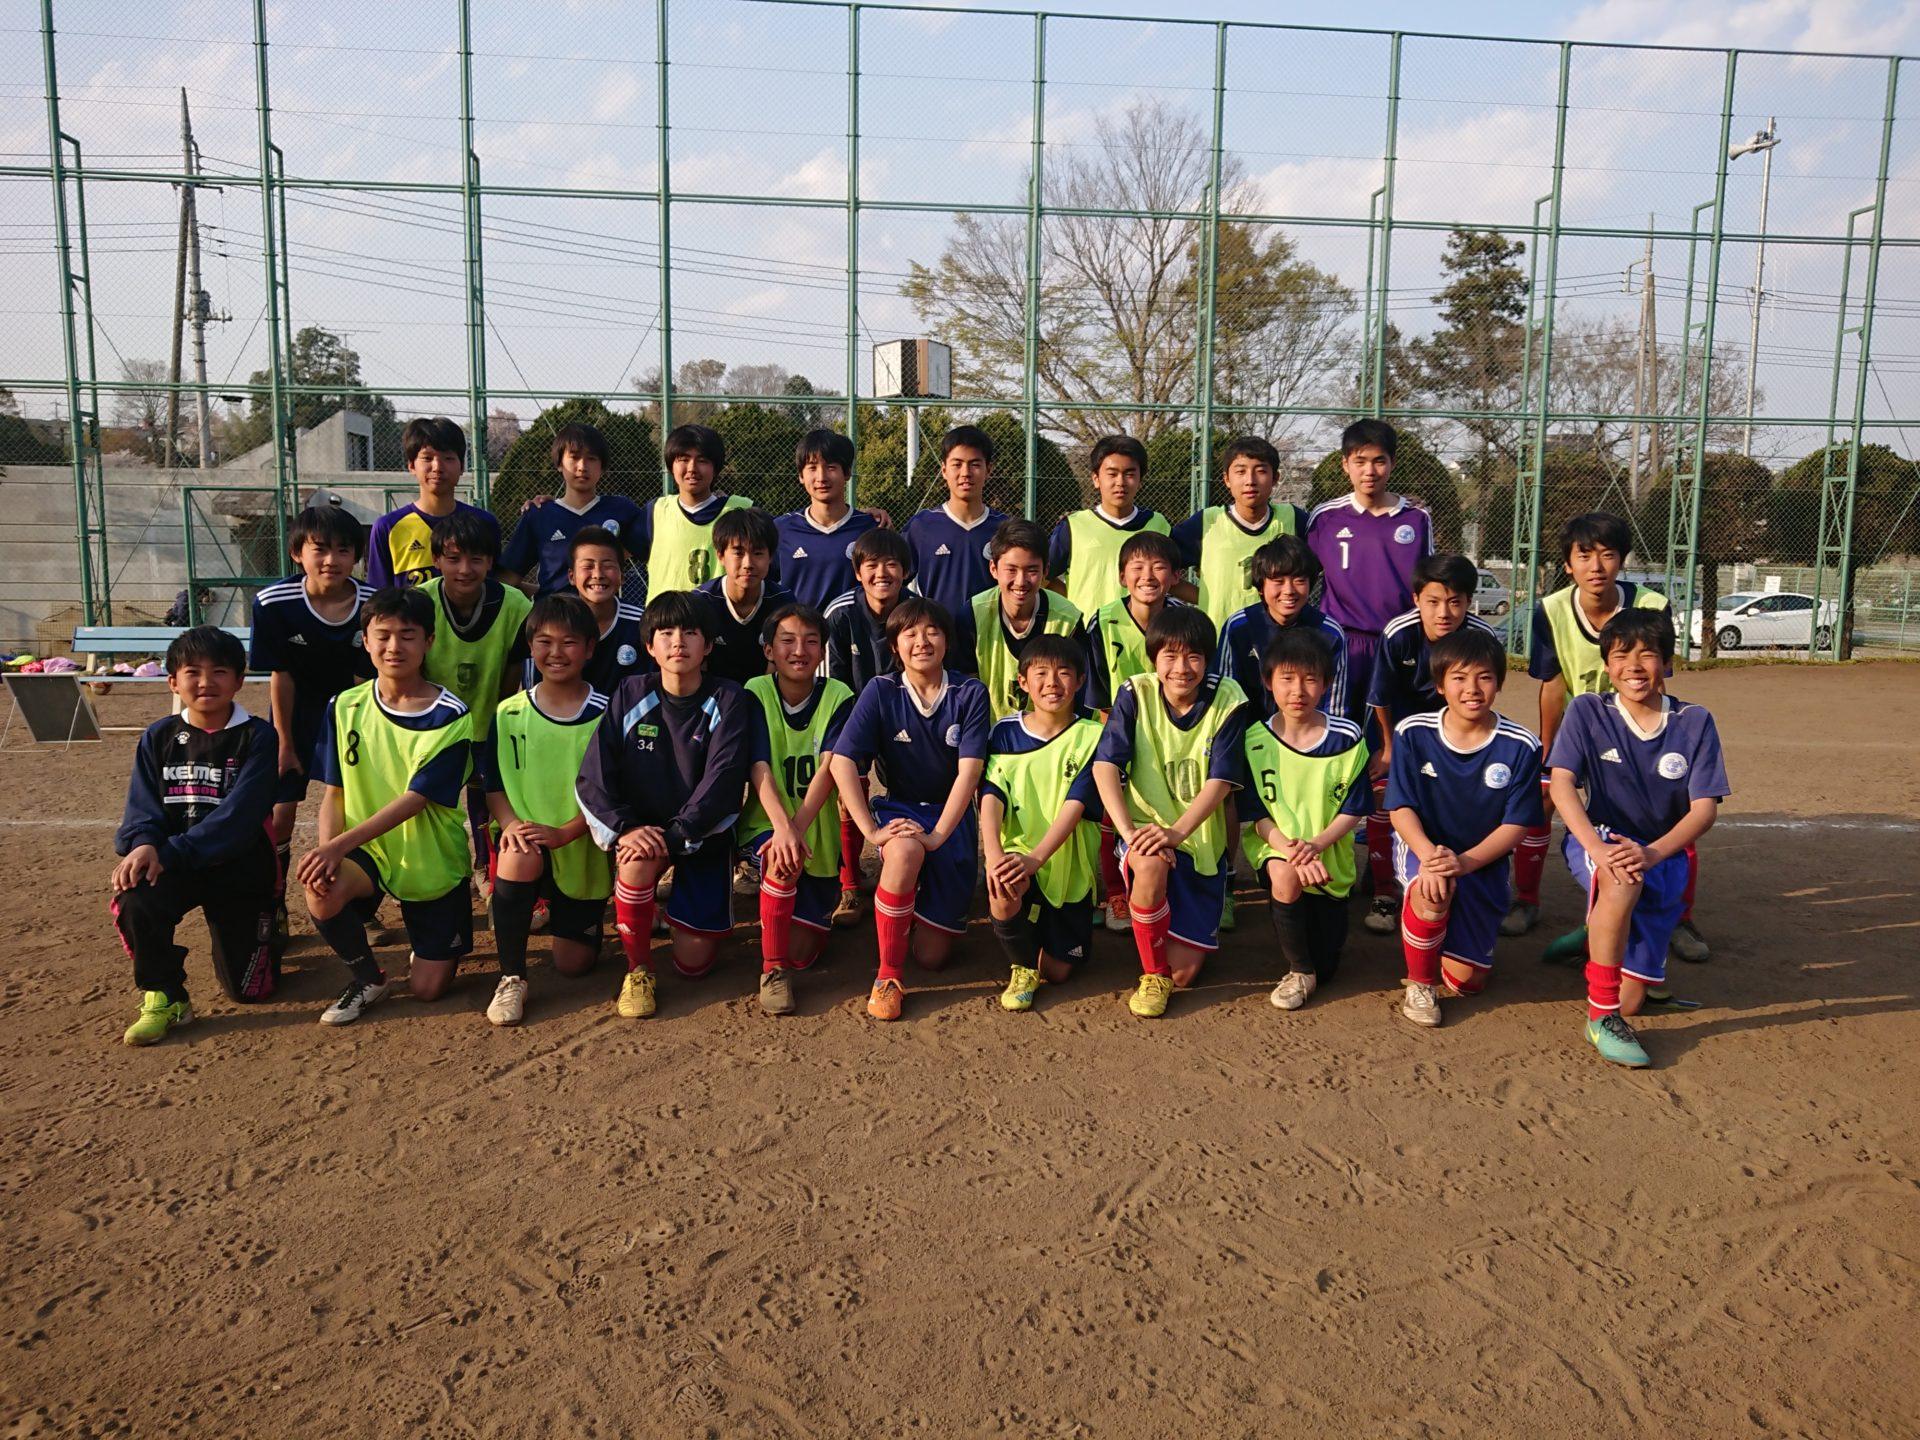 中学生対象のサッカーチームが選手を募集しています